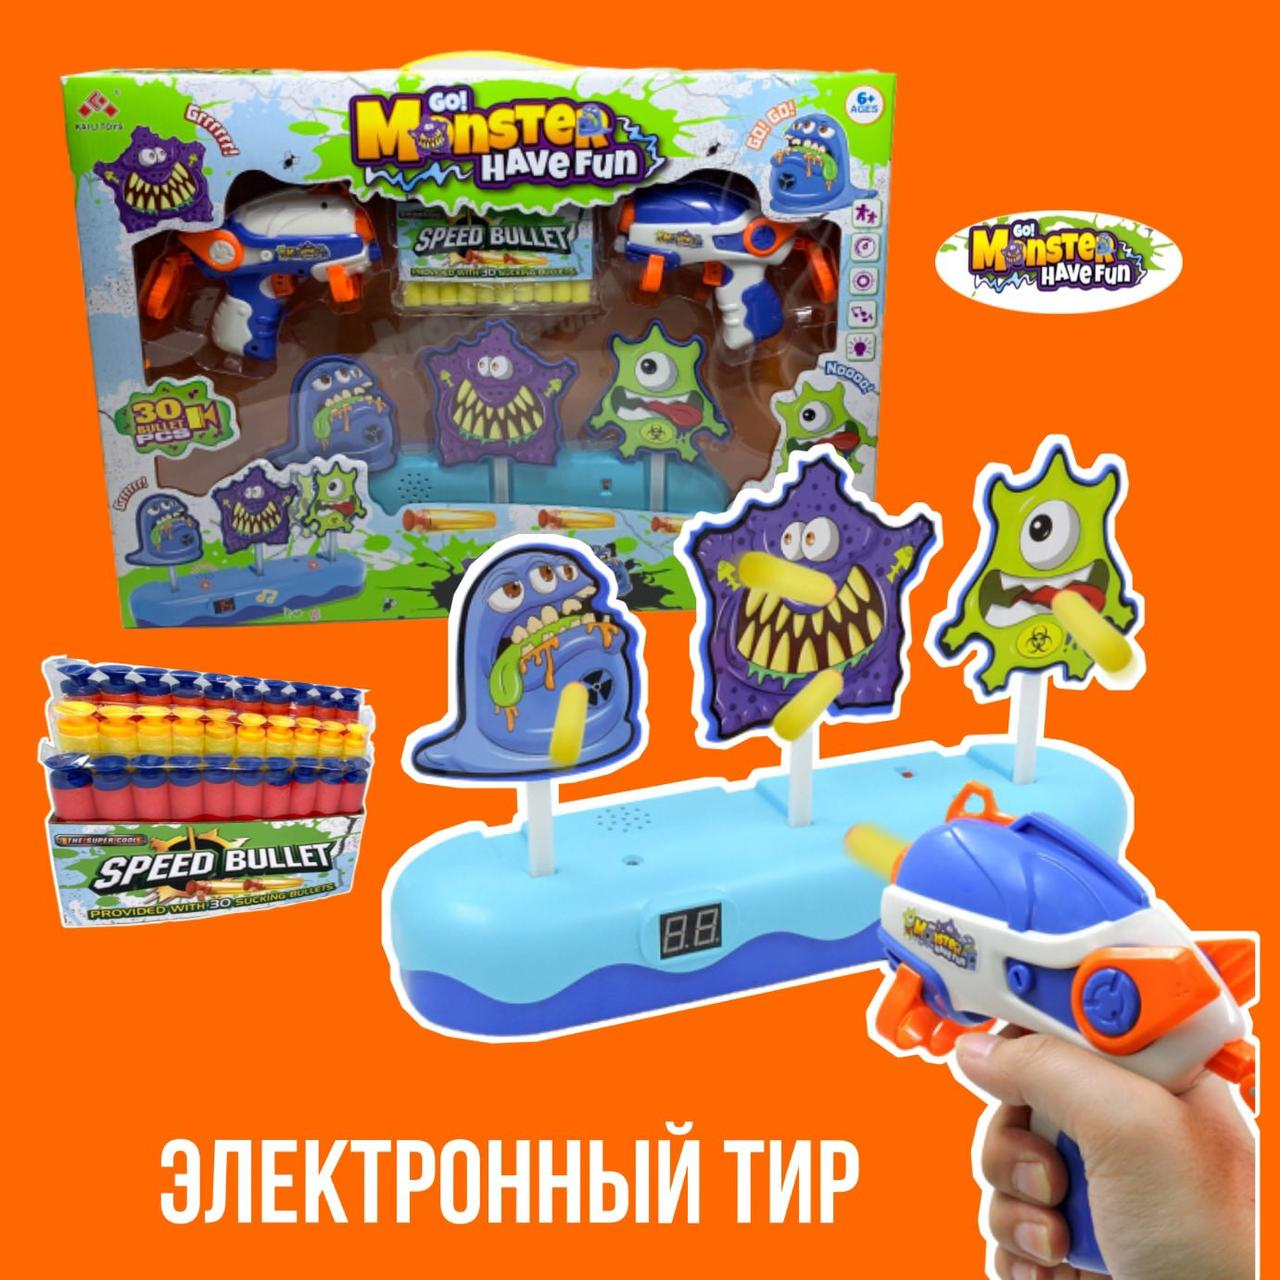 Тир детский игровой набор с игрушечный пистолет